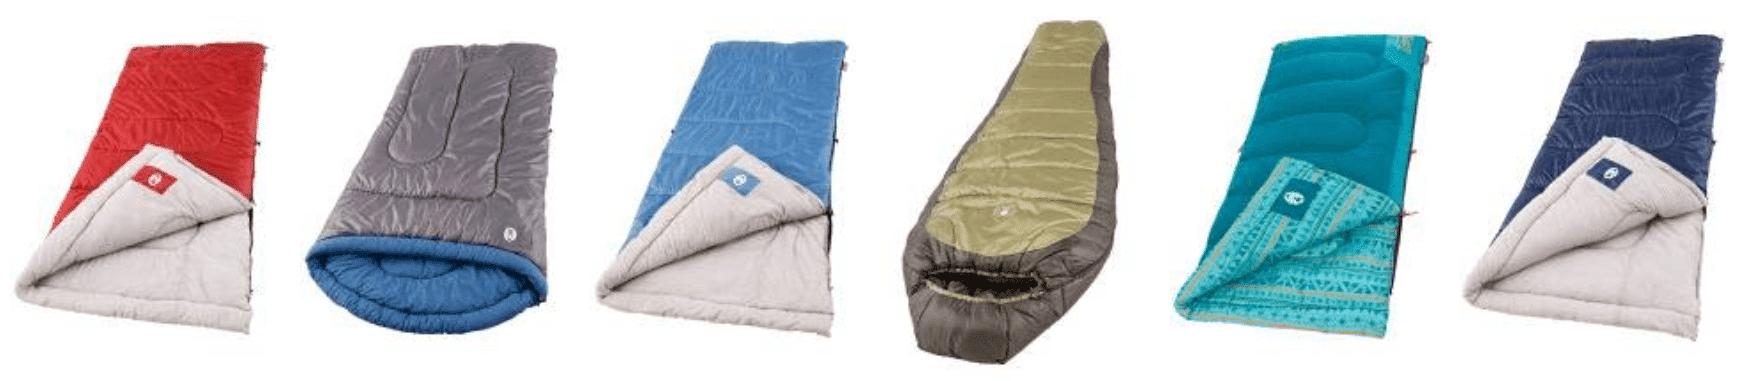 Best Sleeping bag review